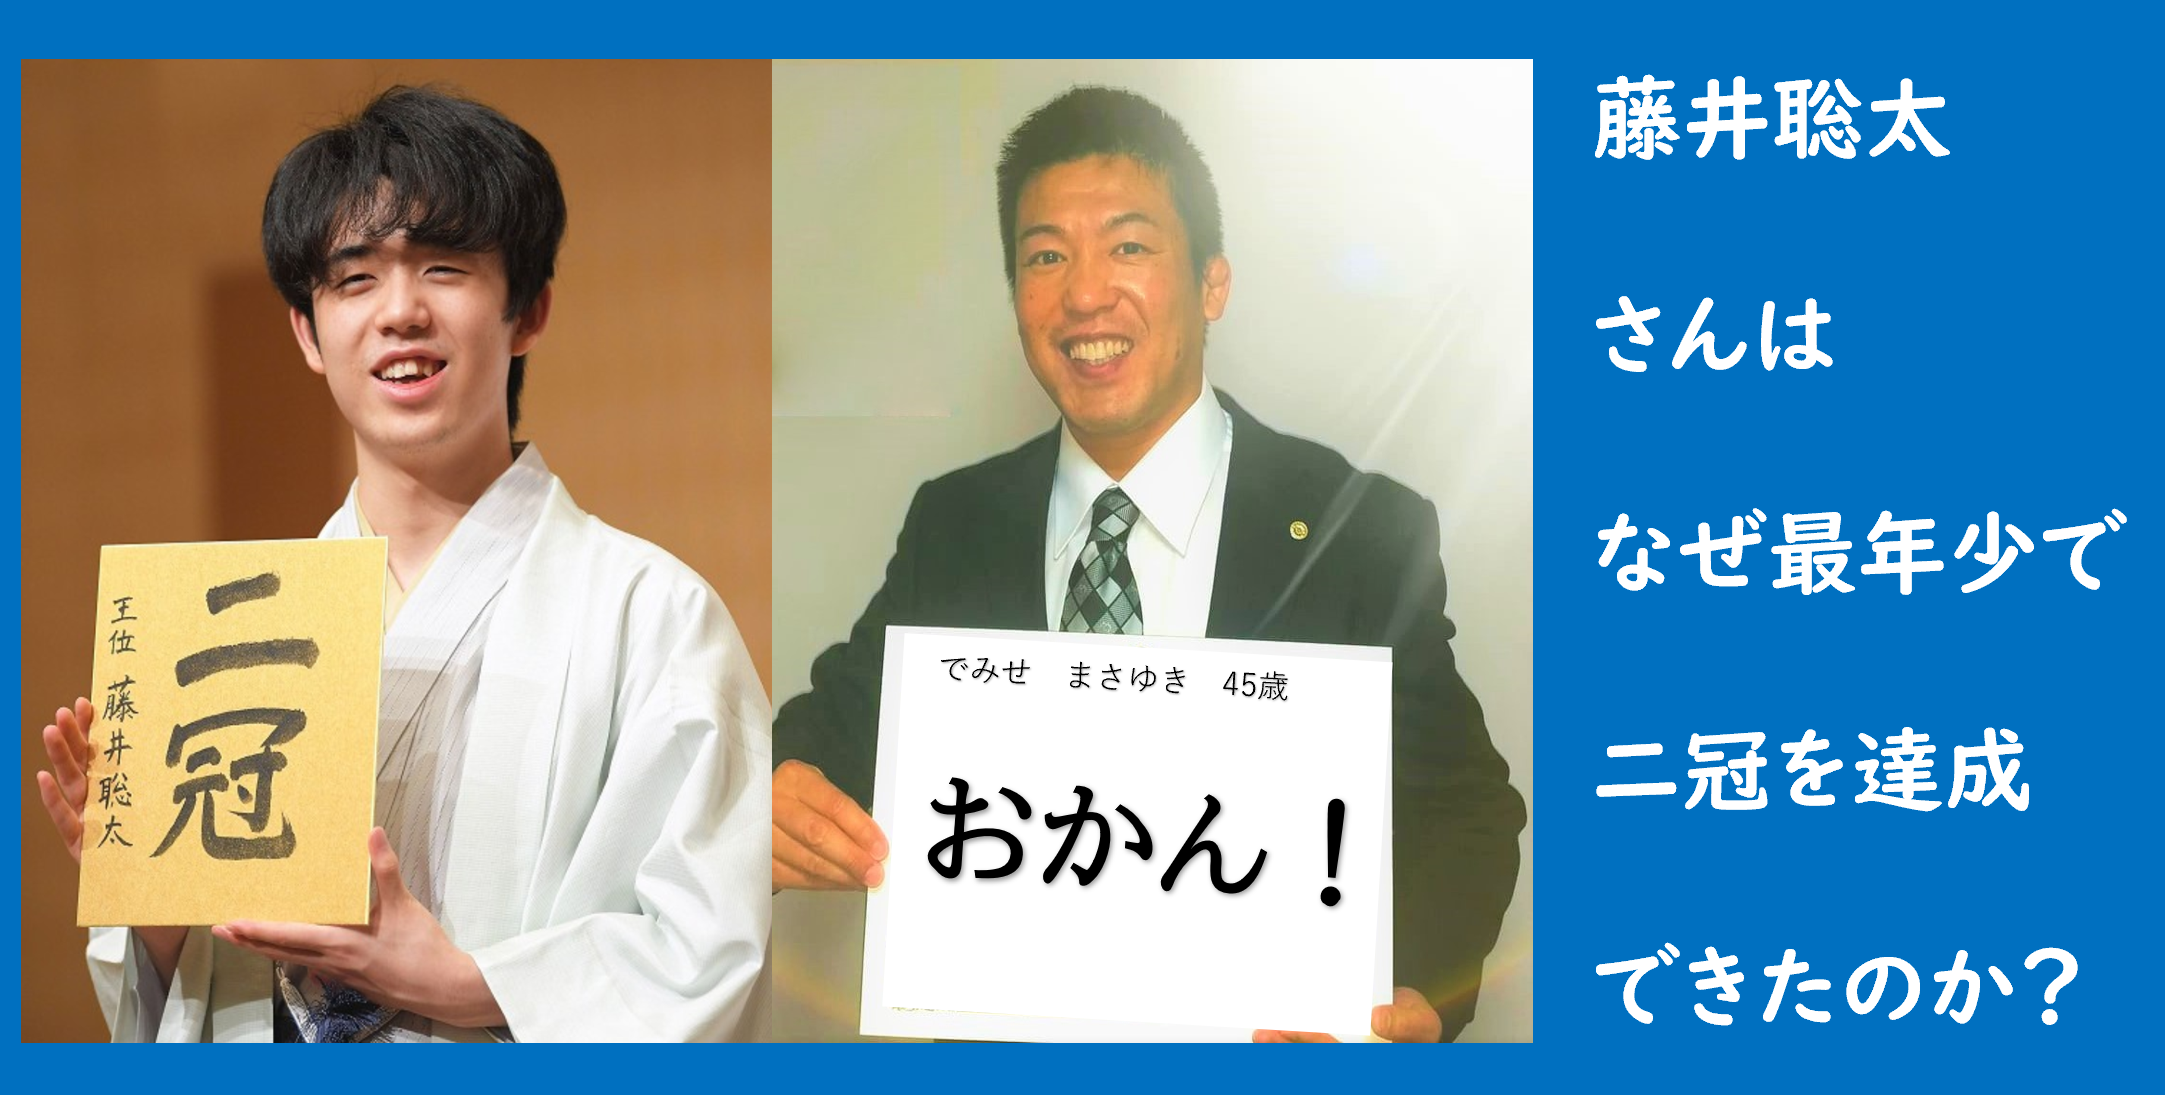 藤井聡太さん最年少二冠達成についてのブログです